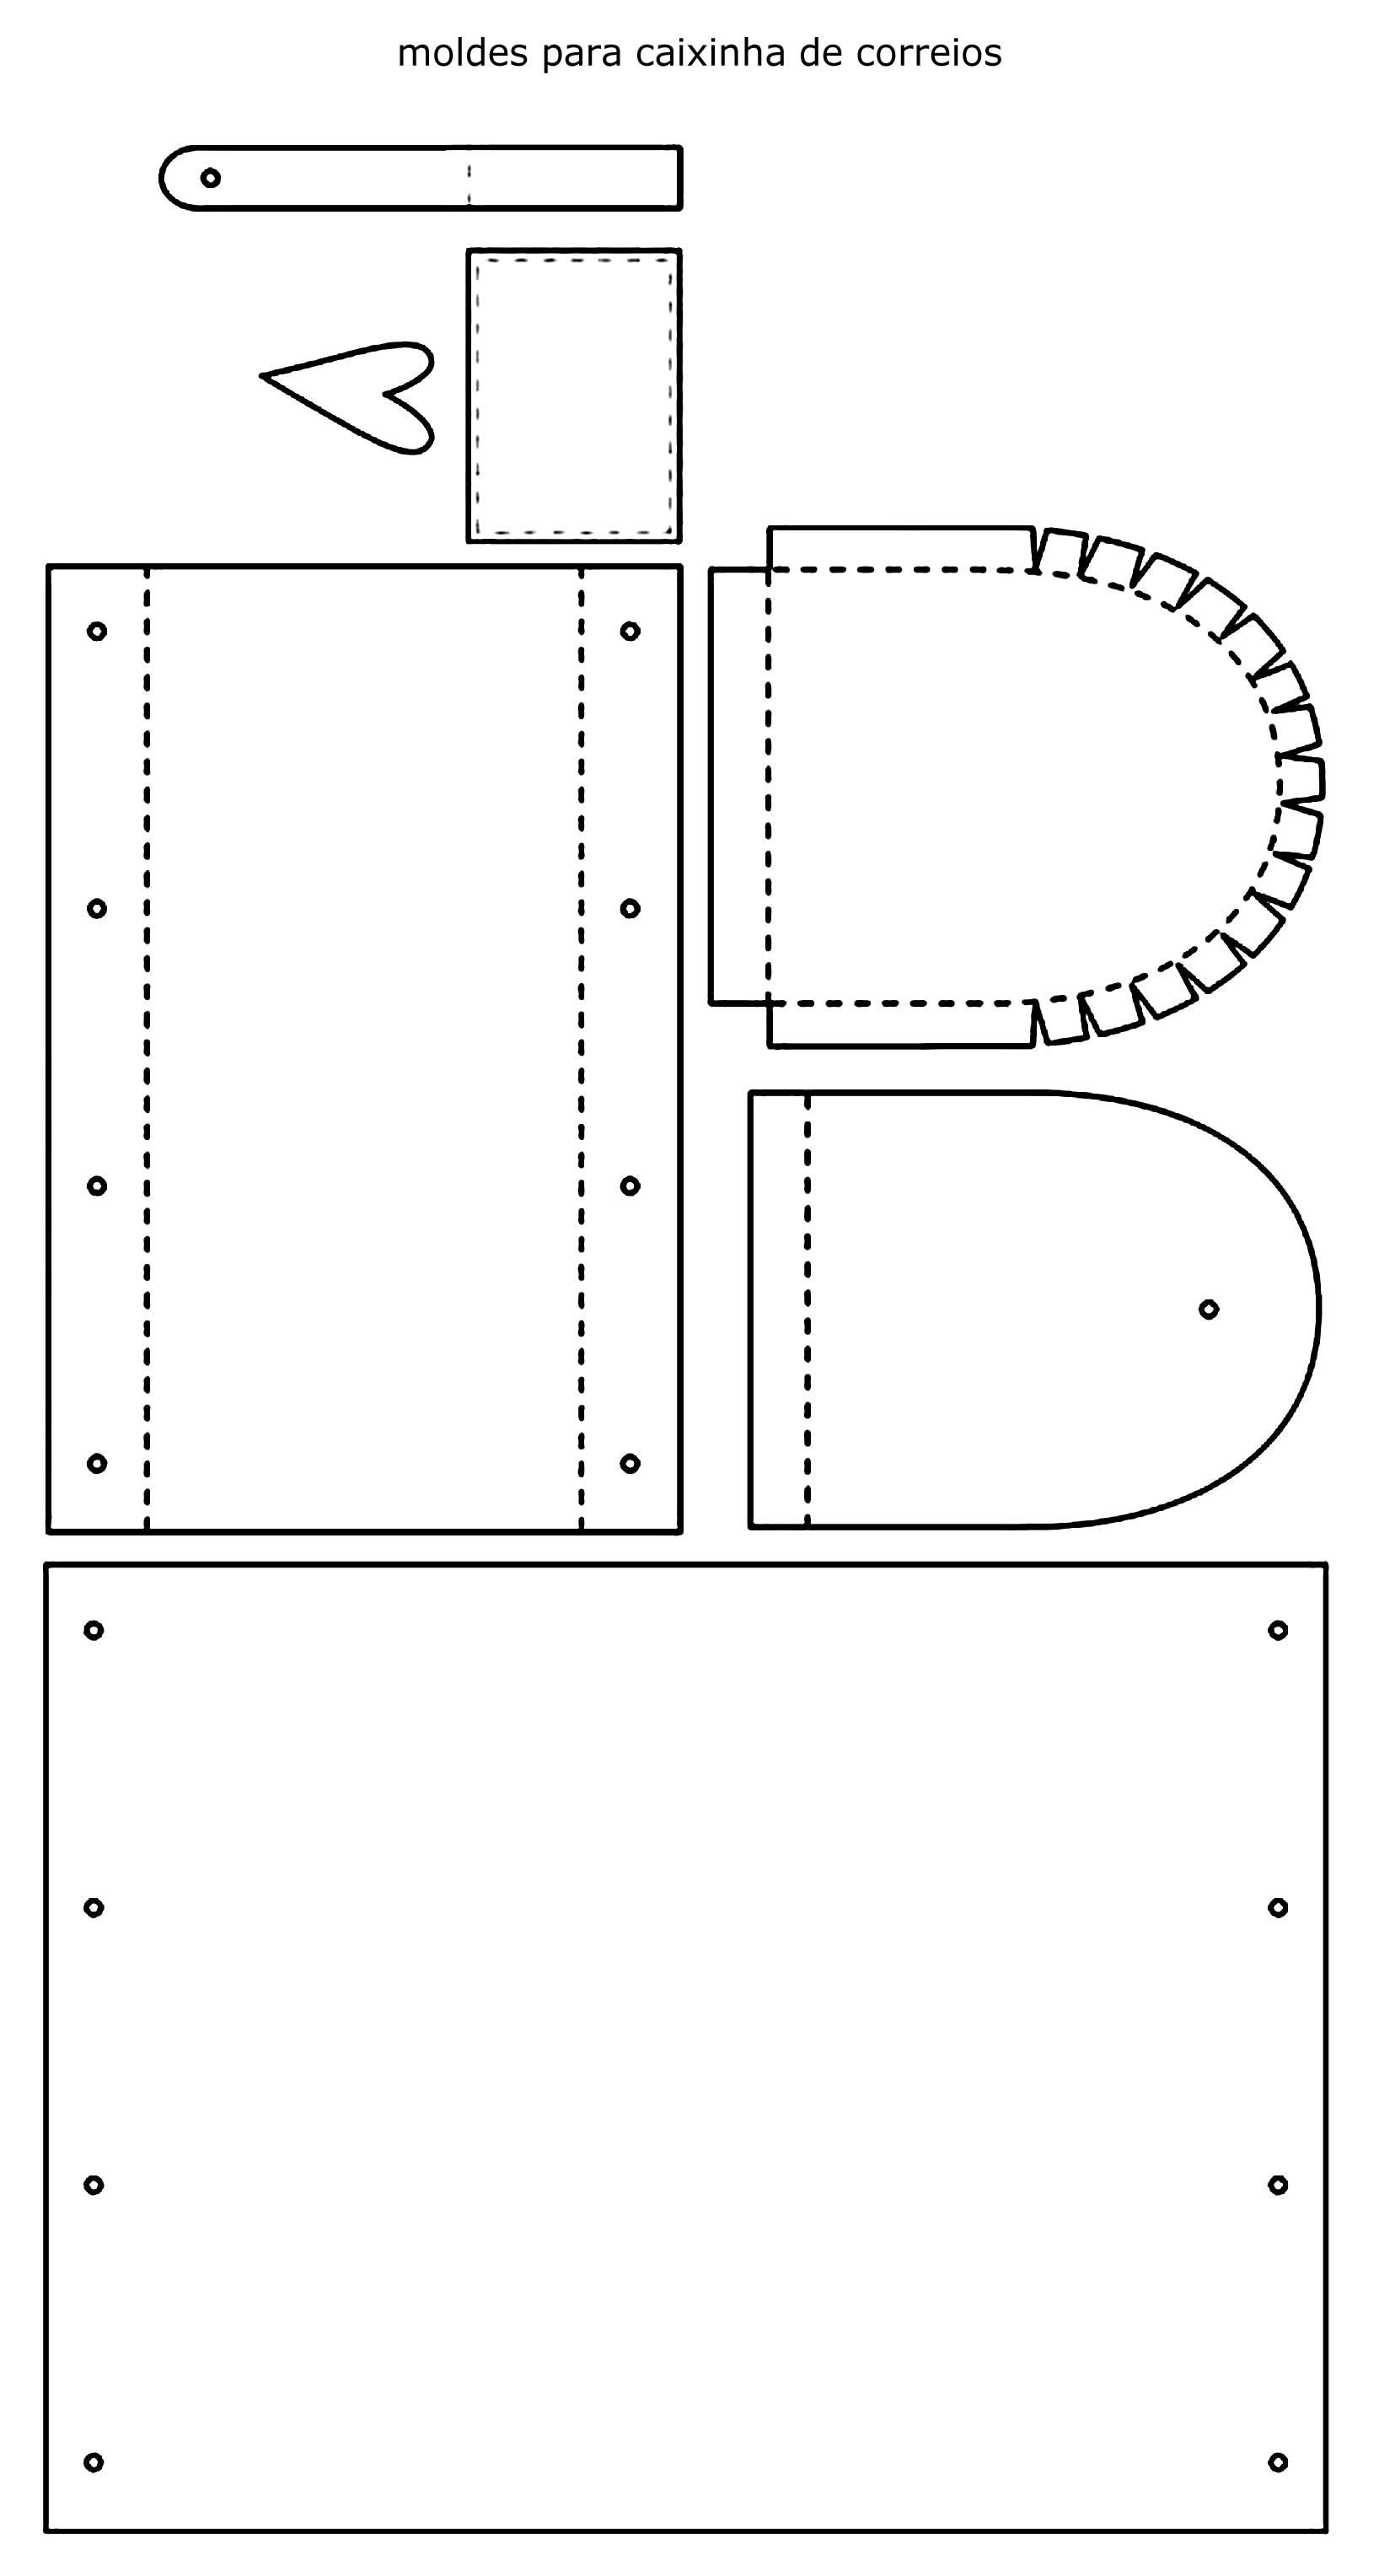 Moldes para caixinha de correios em papel